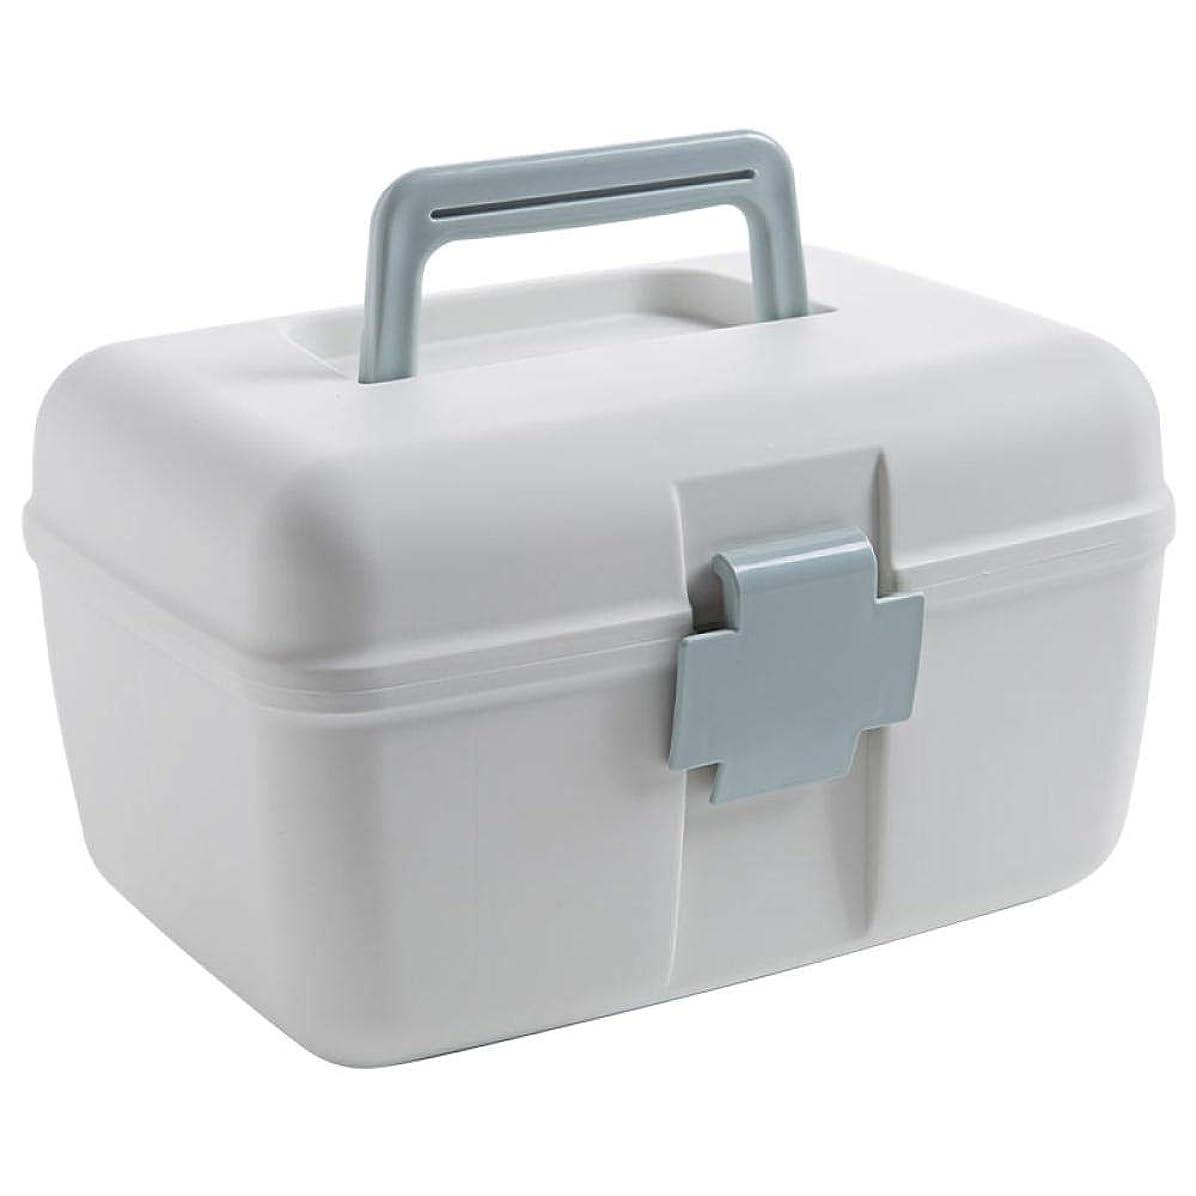 妨げる寛大さ宿題二重層の薬箱家族ポータブルプラスチック小さな薬箱家庭用薬収納ボックス多層収納ボックスライトブルー